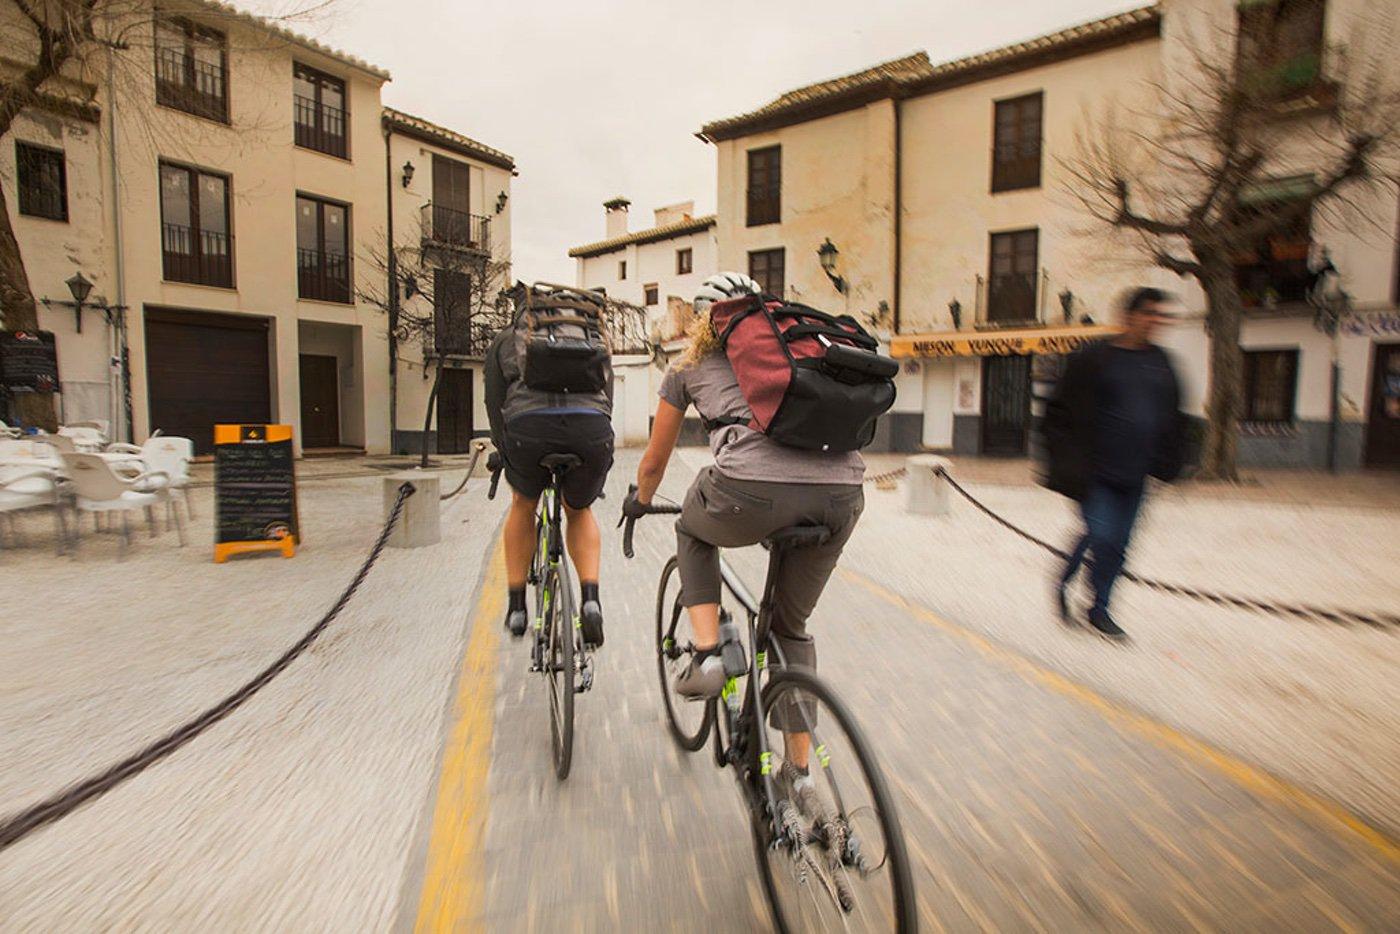 Shimano ha creado su colección, tanto para el ciclista deportivo, cómo para el urbano o el cicloturisa de largas rutas, con ropa de calle, maillots, mochilas y complementos.